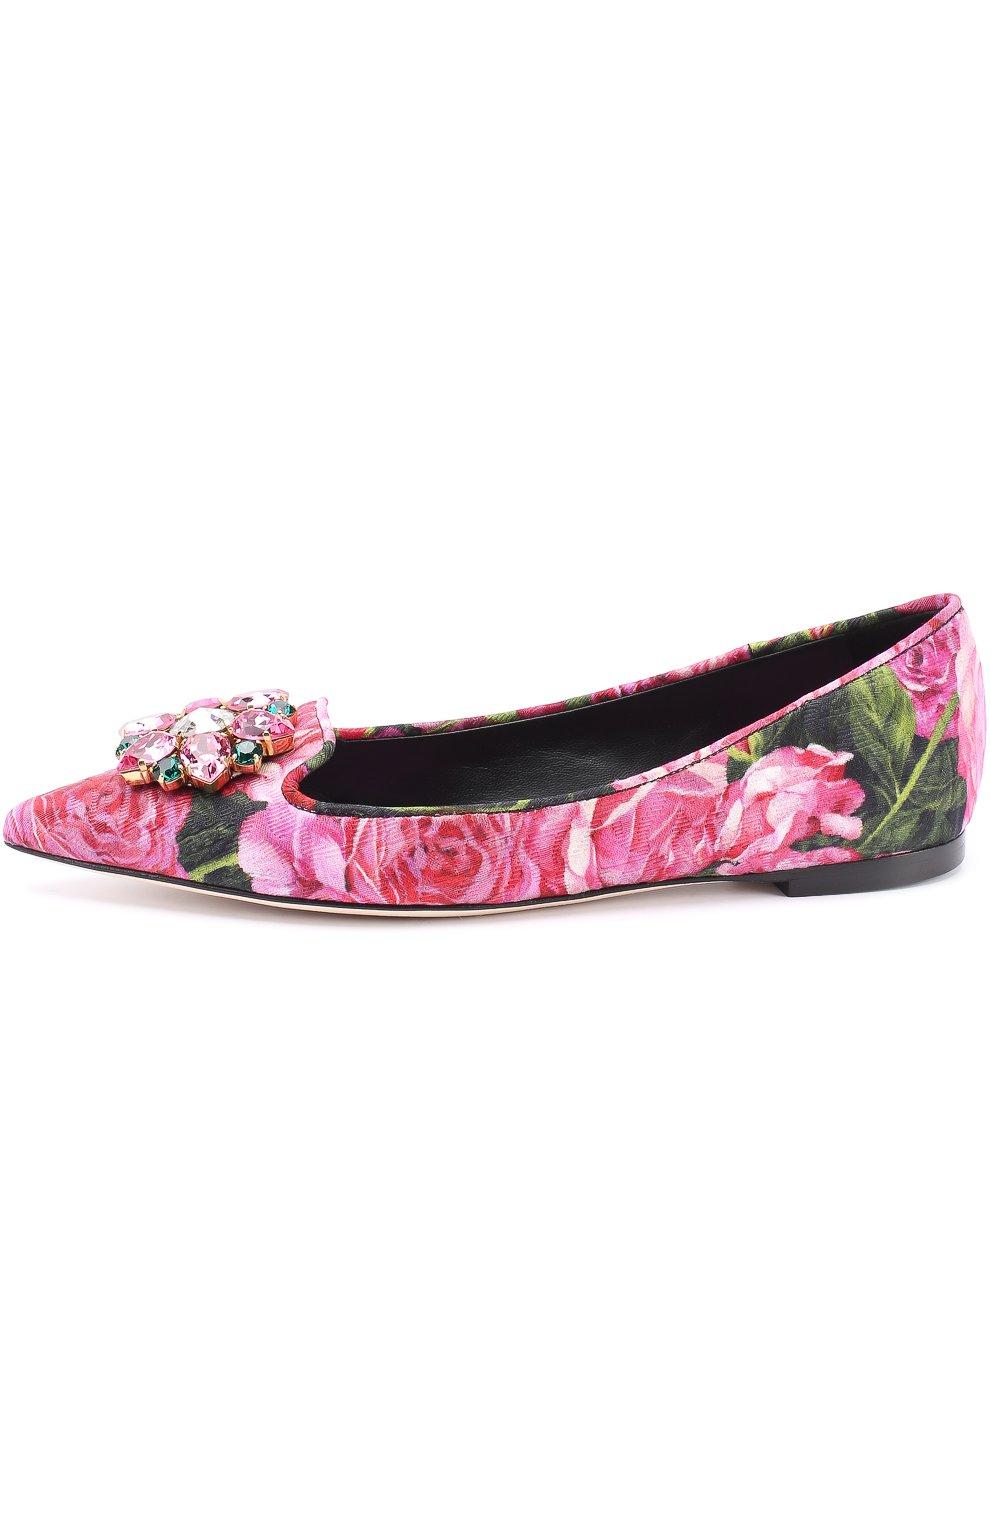 Балетки Bellucci с цветочным принтом и брошью Dolce & Gabbana розовые   Фото №3